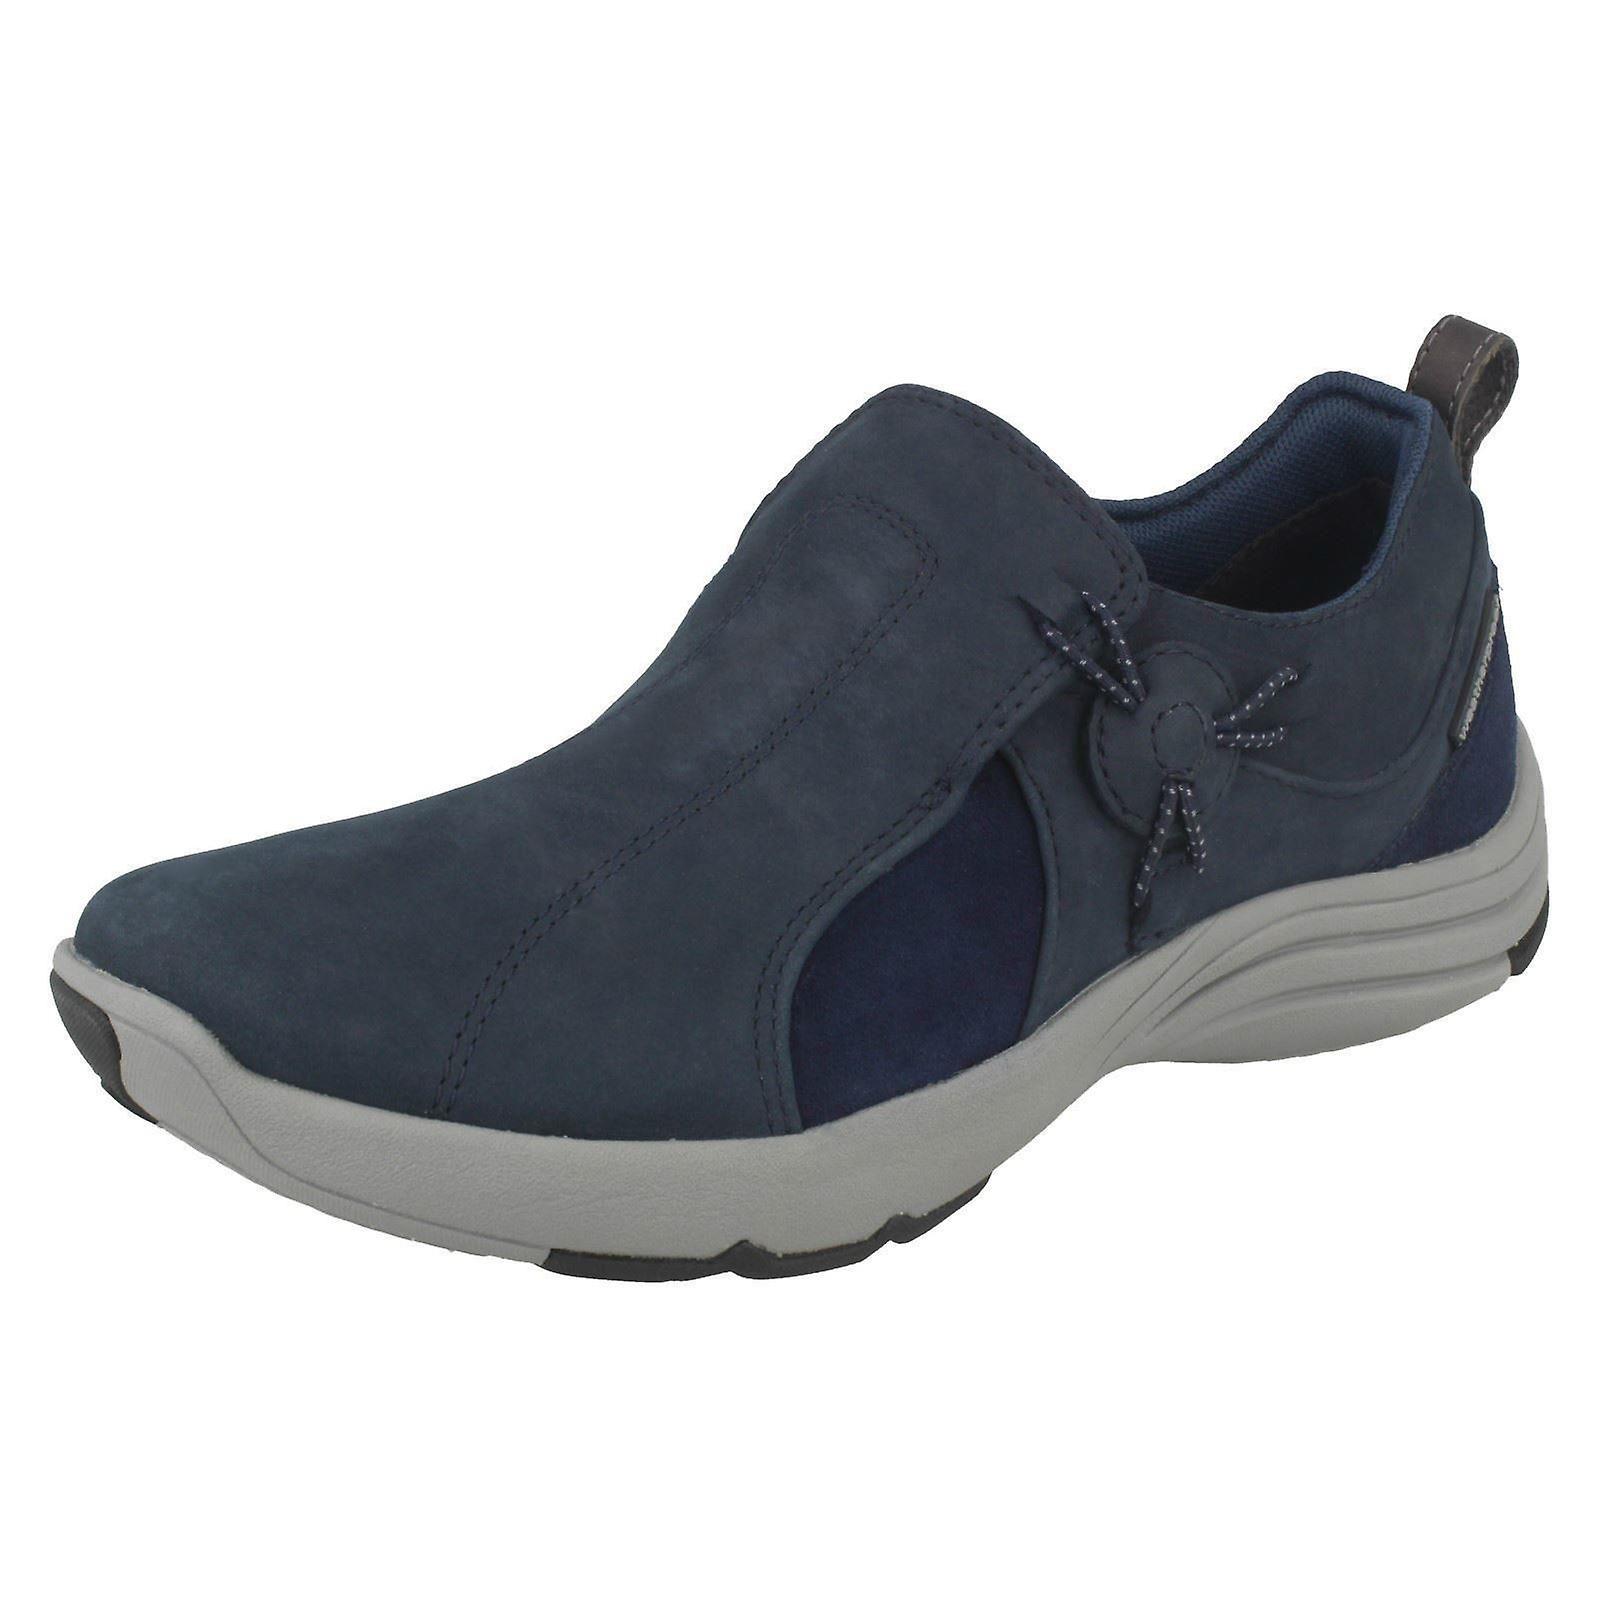 Wave Casual Clarks Ladies Shoes River U8tqxpwZ